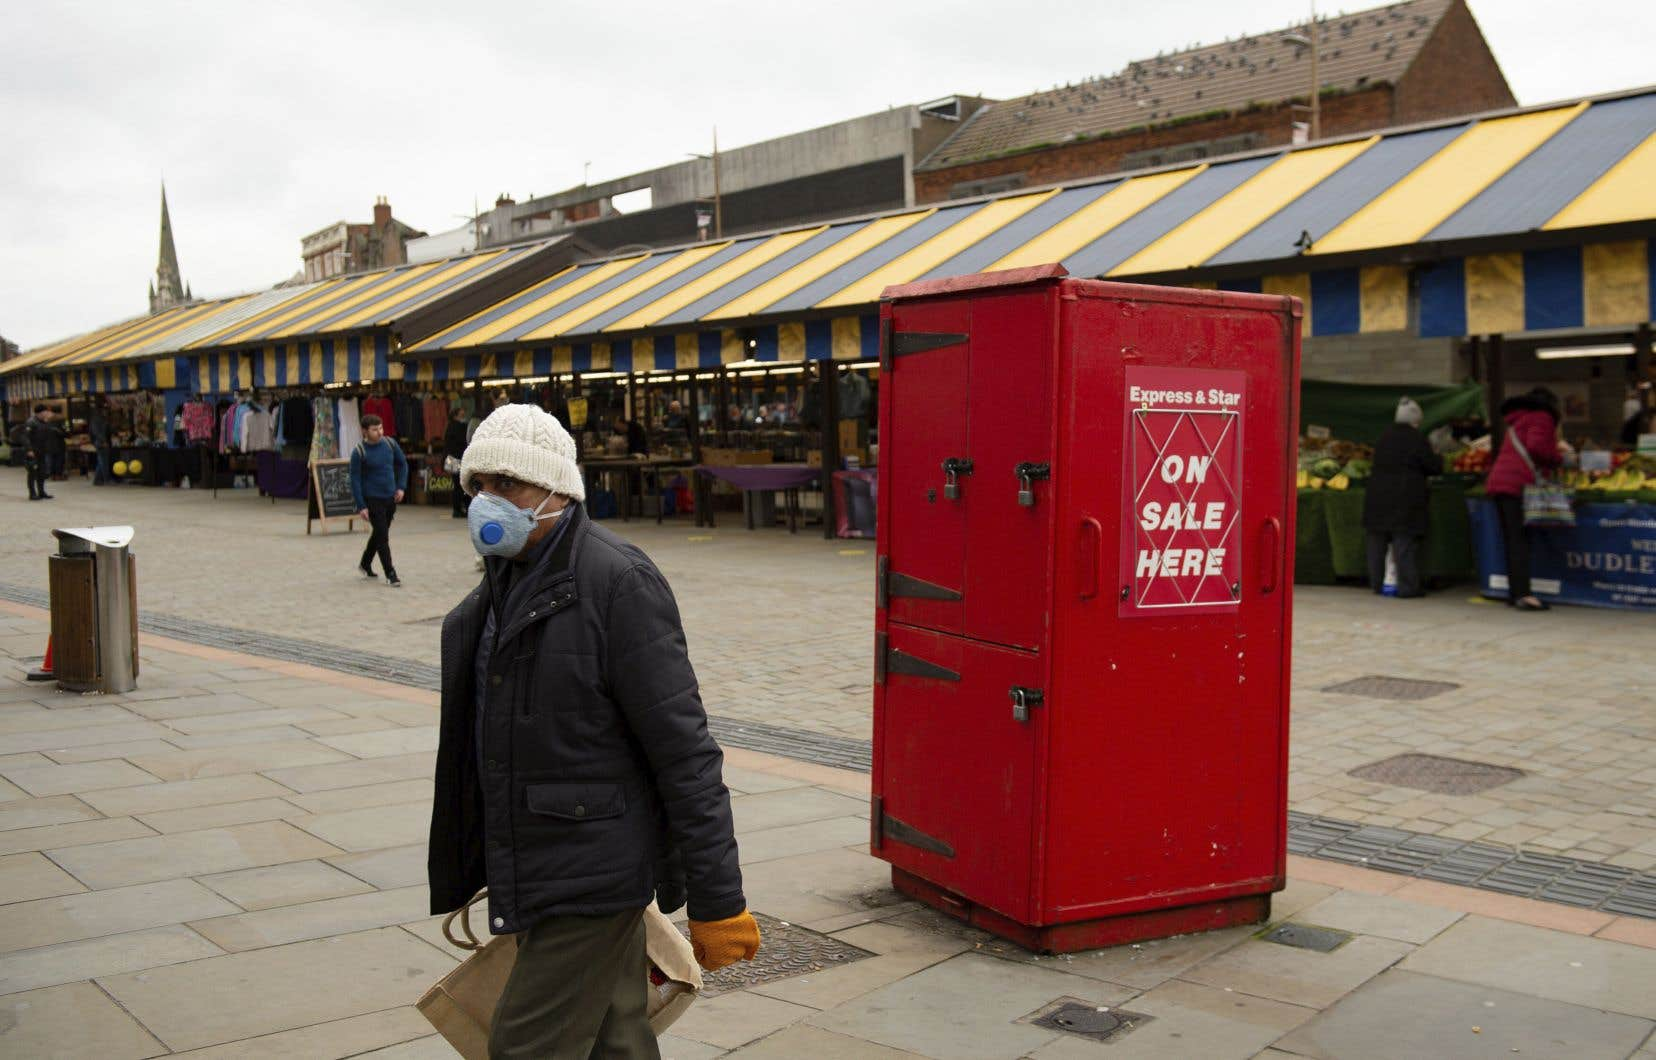 Le Royaume-Uni, pays européen le plus touché par la pandémie, est sujet à de nouvelles restrictions progressives selon ses régions.